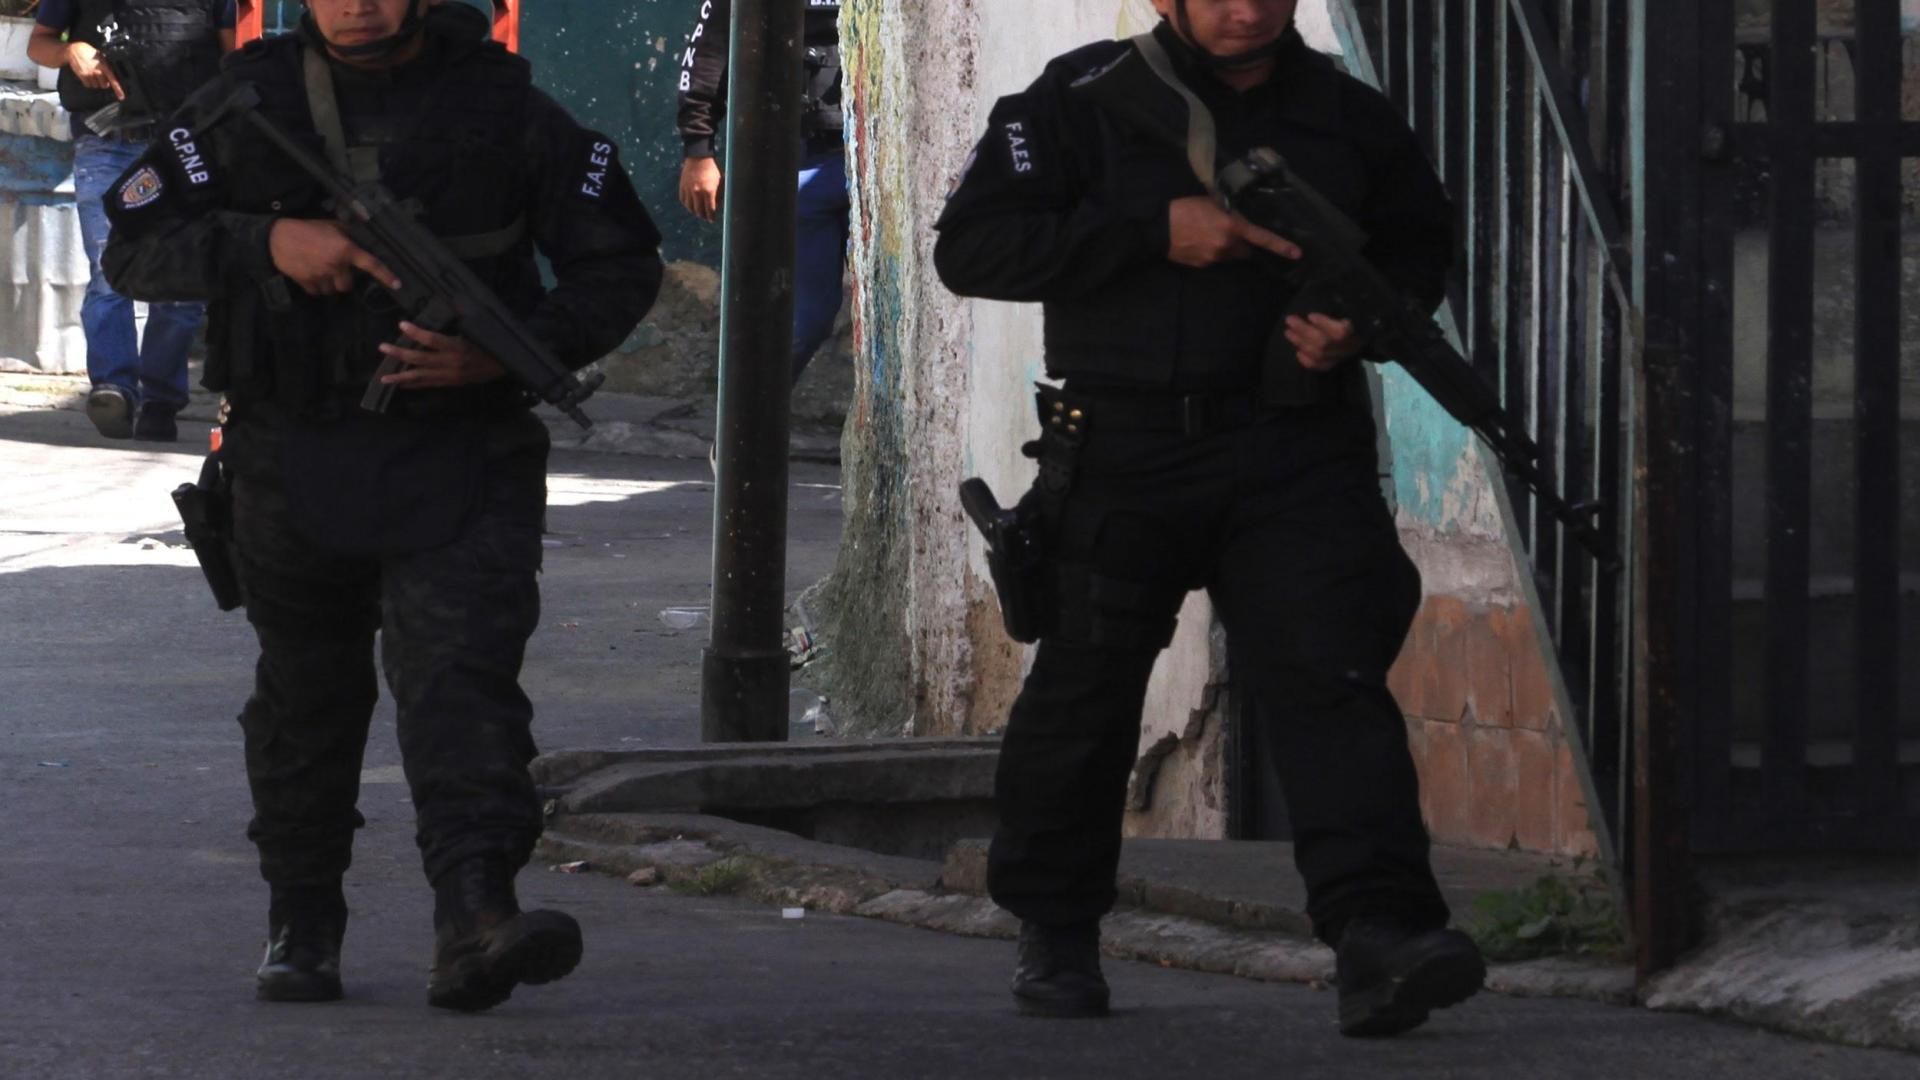 OVV: Casi la mitad de las muertes violentas en Lara son ejecutadas por la FAES